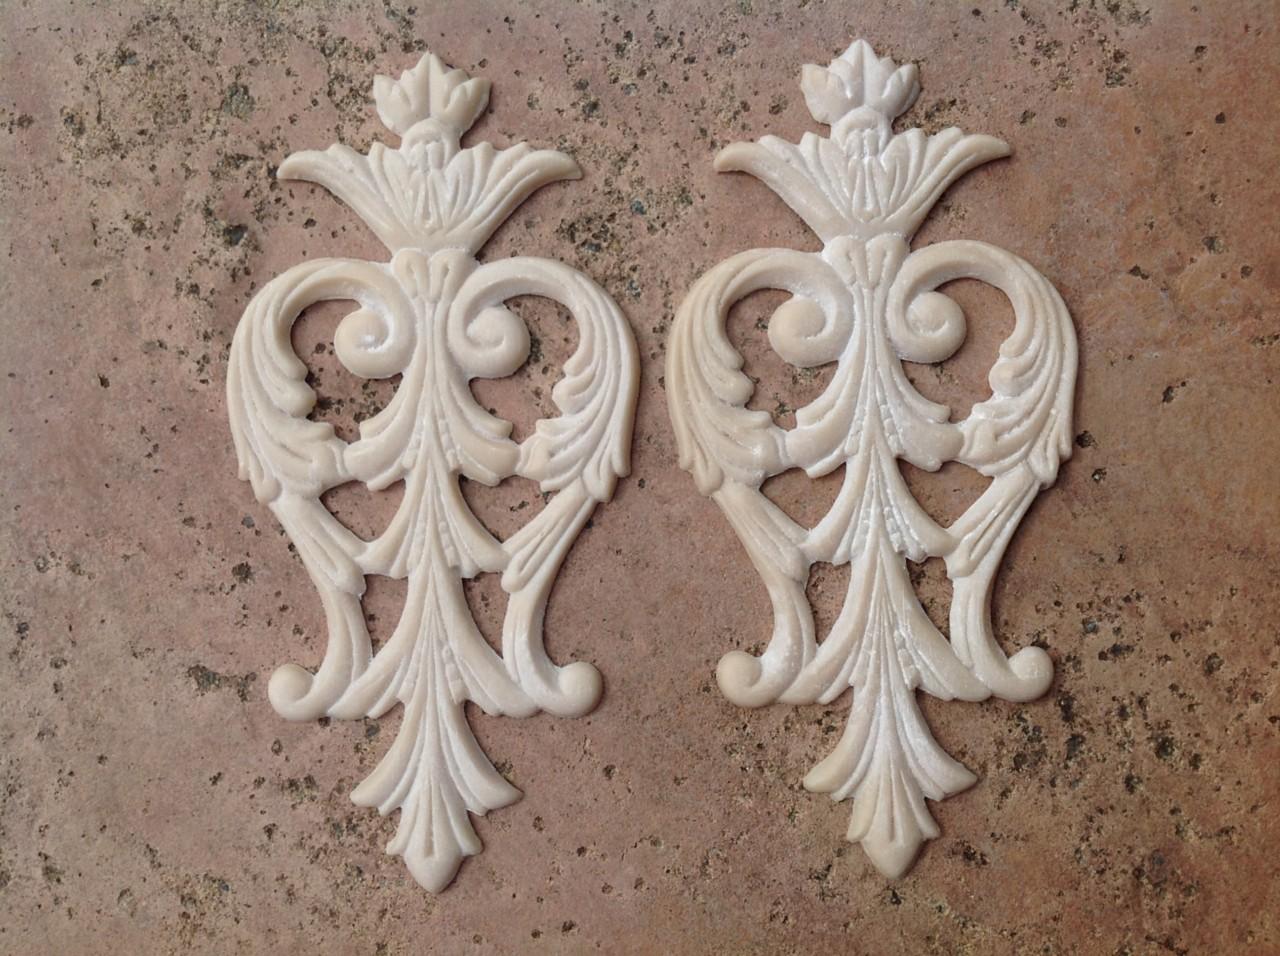 Furniture Crest Applique Mold Decoration Shabby French Provincial Vintage Bundle Ebay